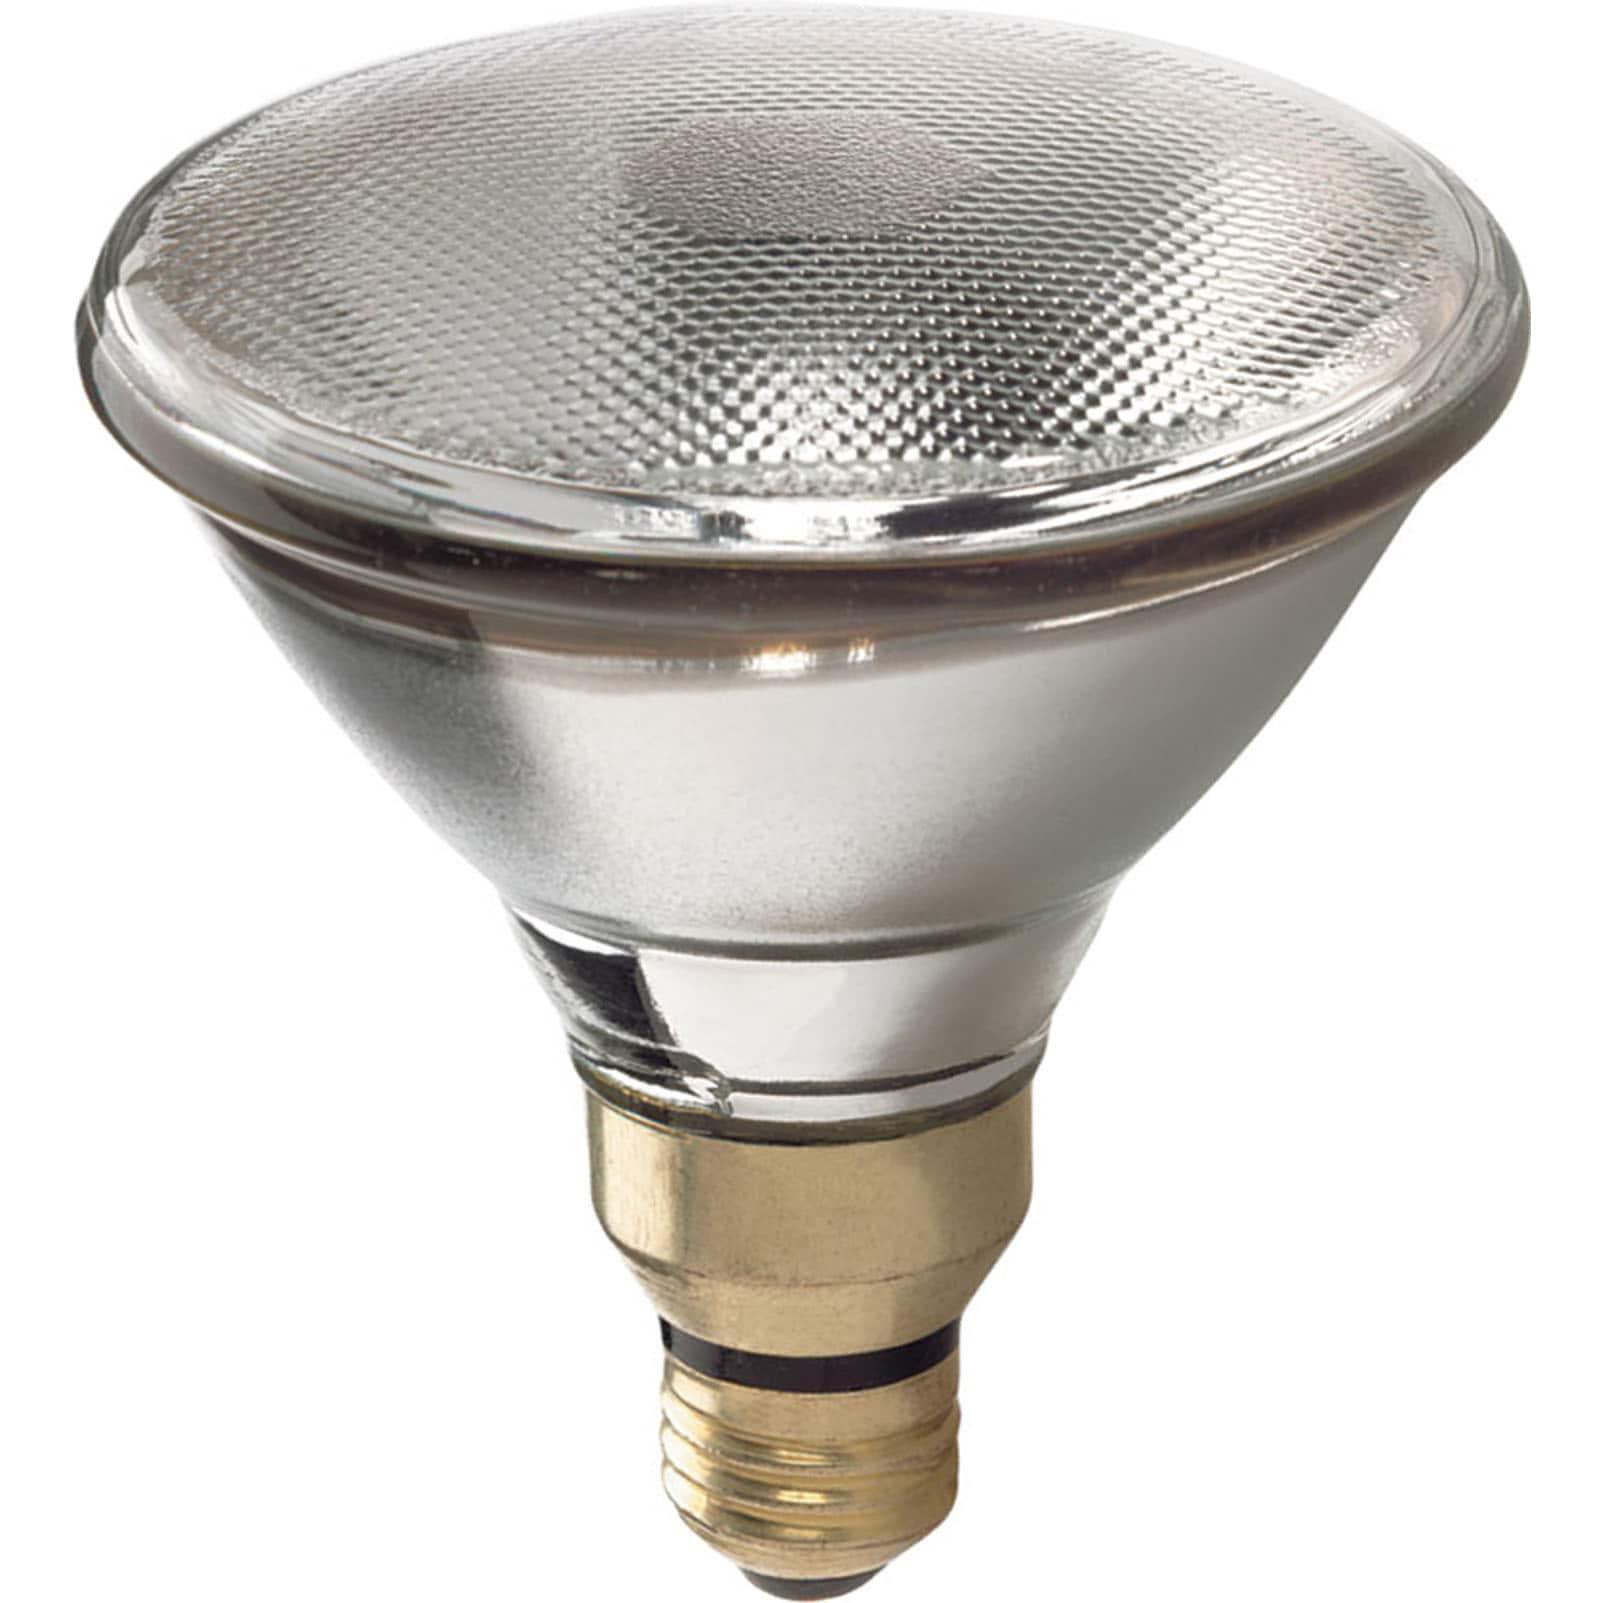 GE Lighting 62705 90 Watt White PAR38 Halogen Spot Light ...